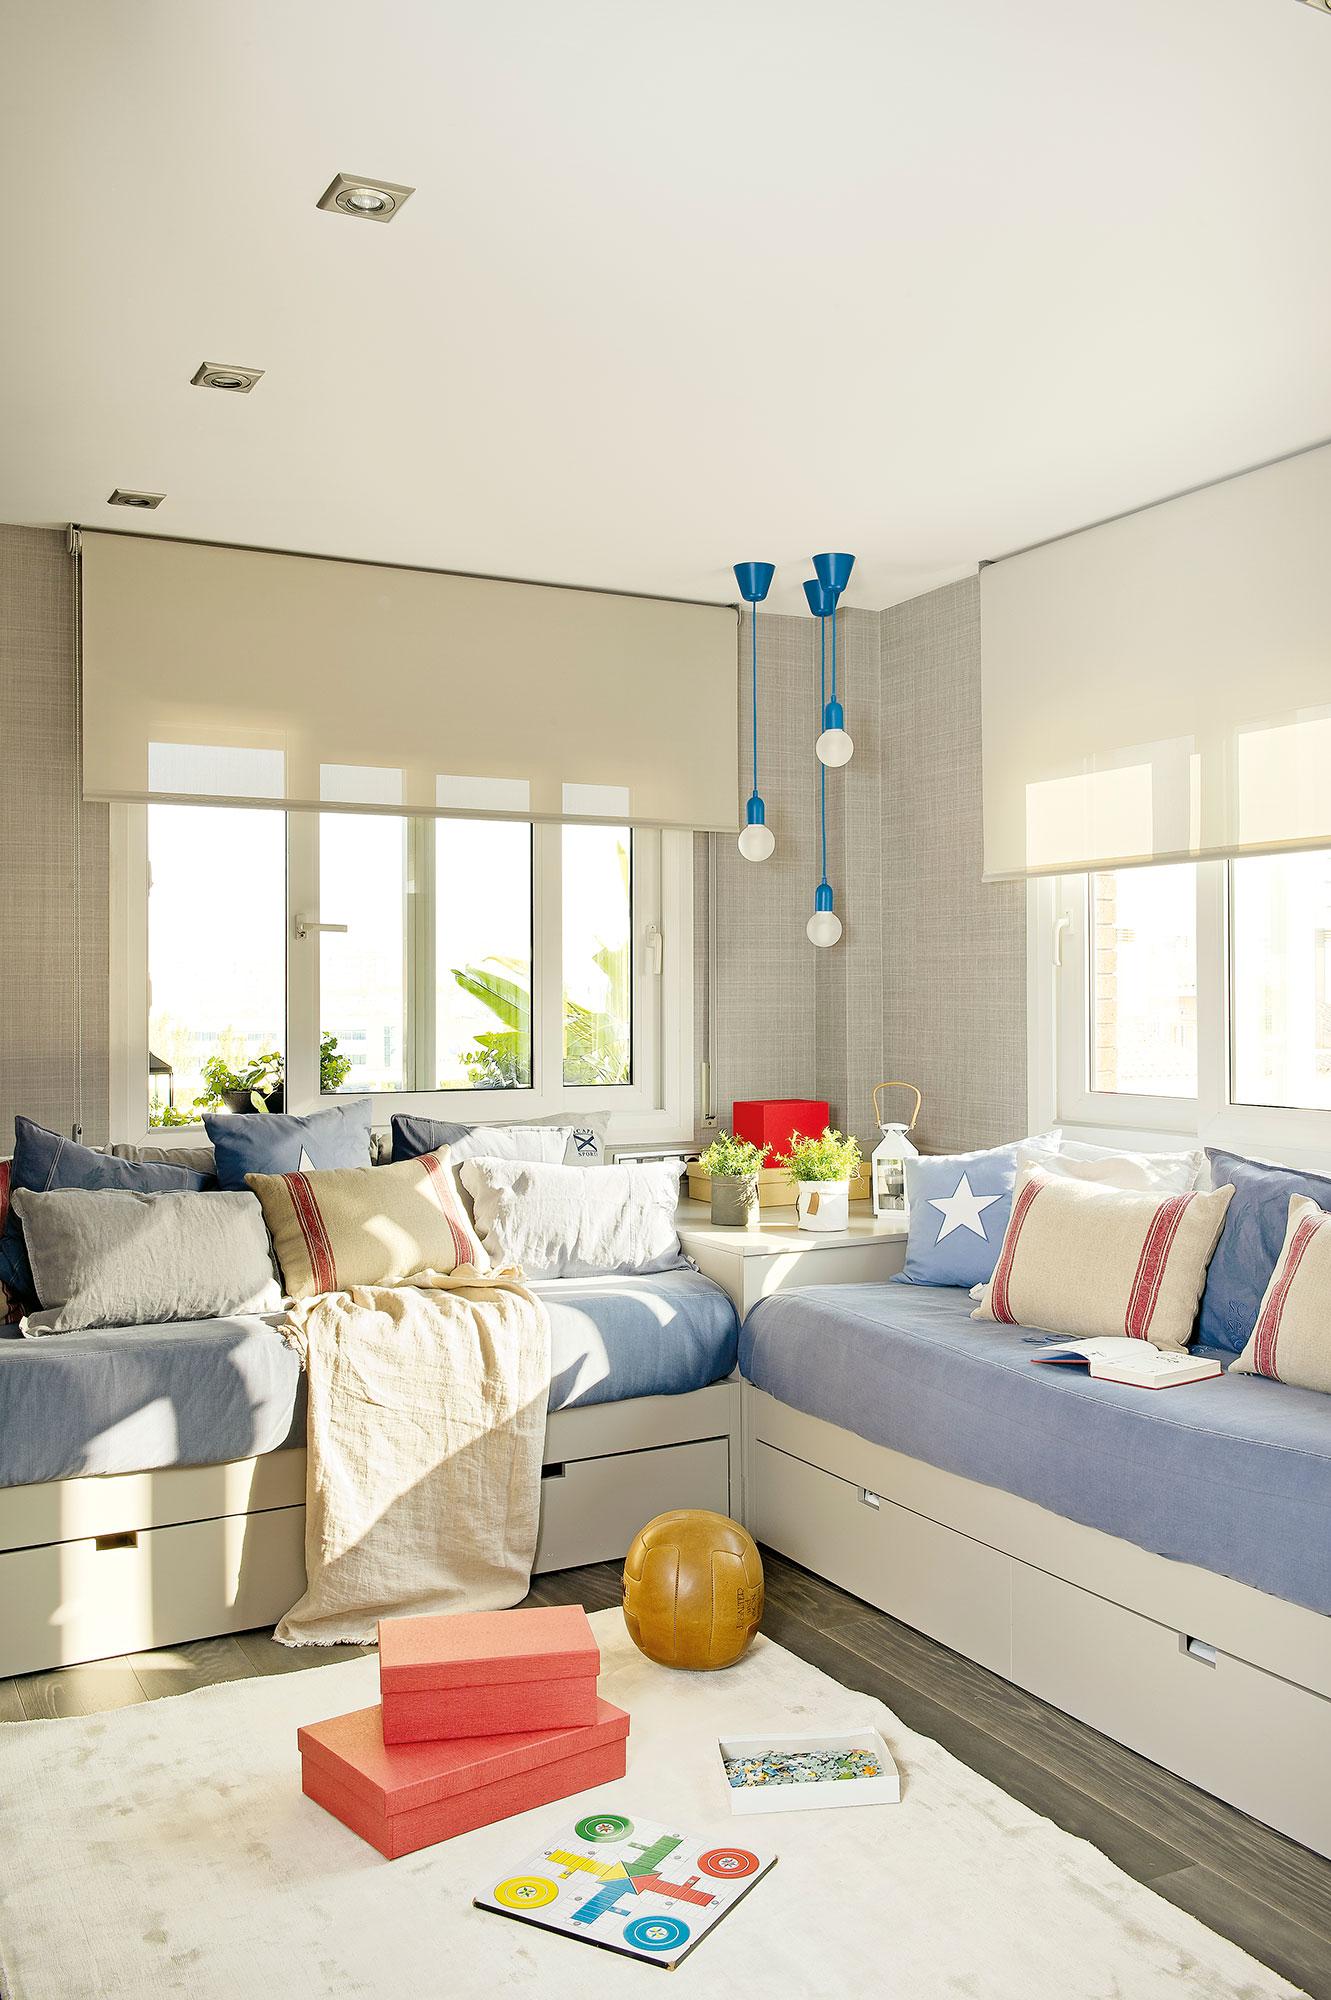 Dormitorios infantiles 7 buenas ideas para compartir Dormitorio juvenil en l